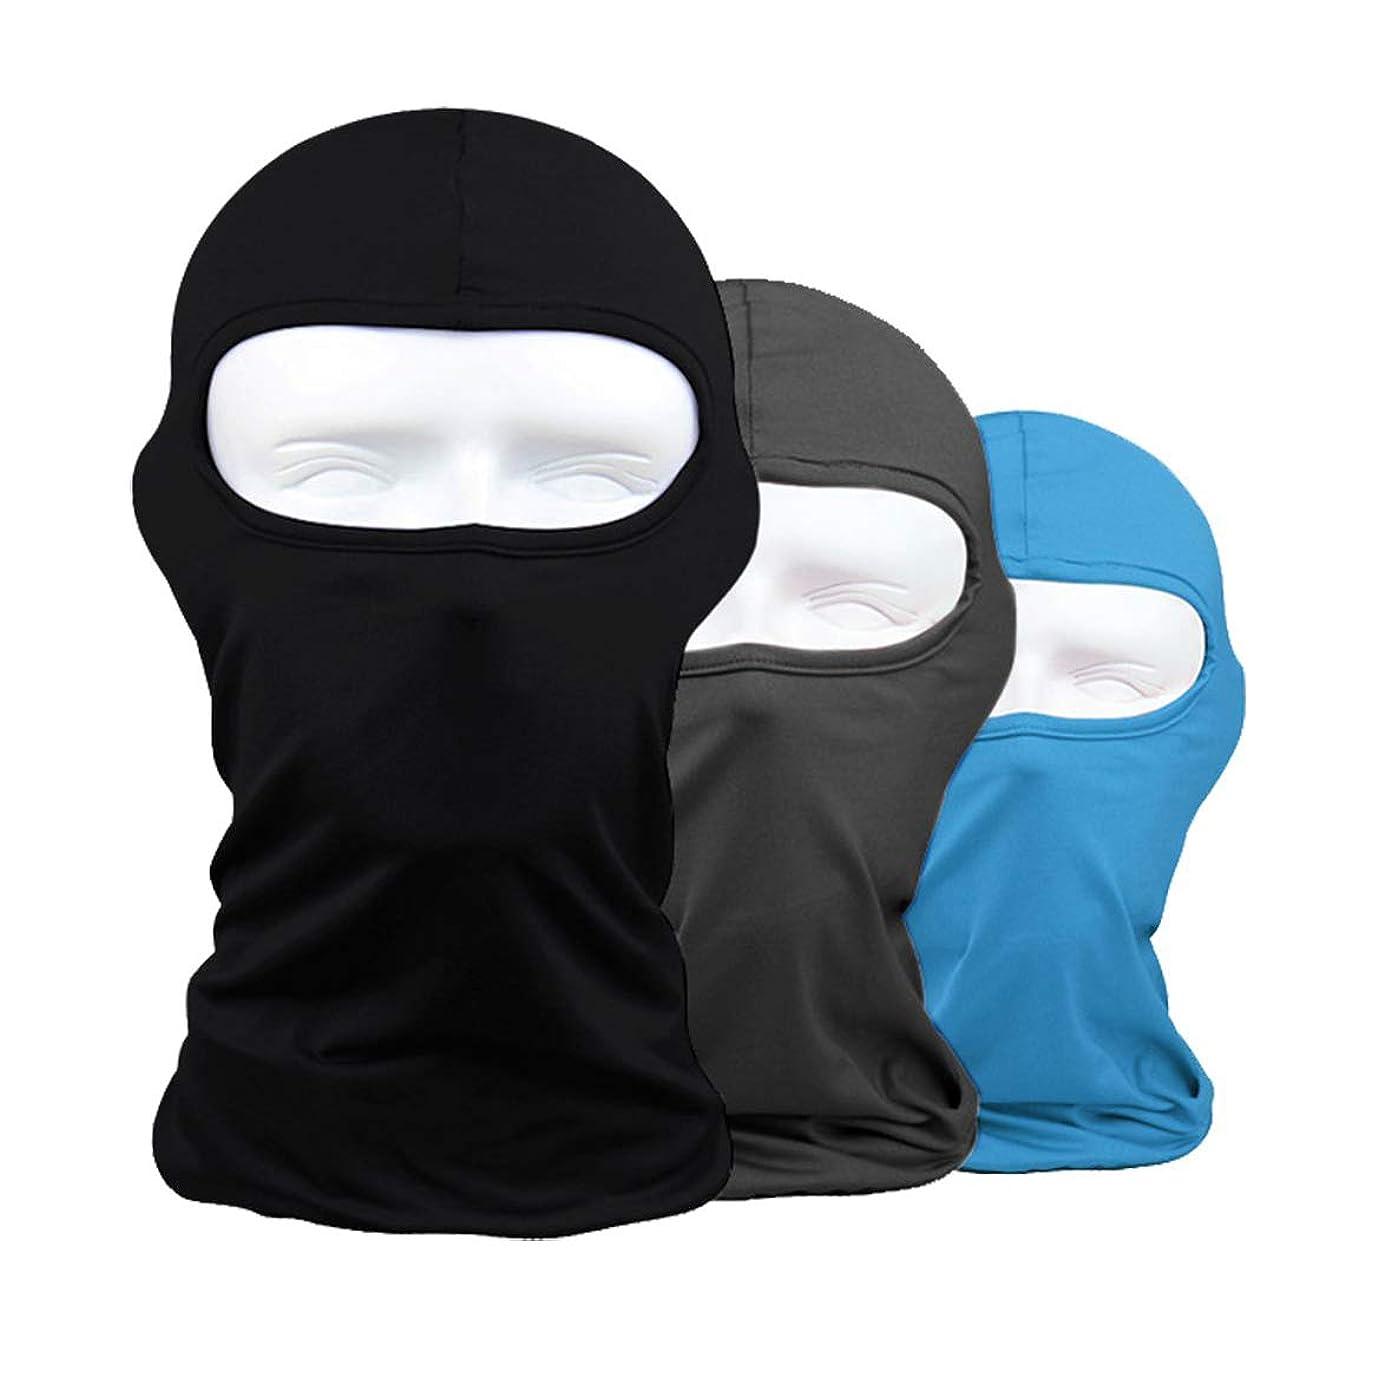 毎日話す確認するフェイスマスク 通気 速乾 ヘッドウェア ライクラ生地 目だし帽 バラクラバ 保温 UVカット,ブラック + グレー + ブルー,3枚